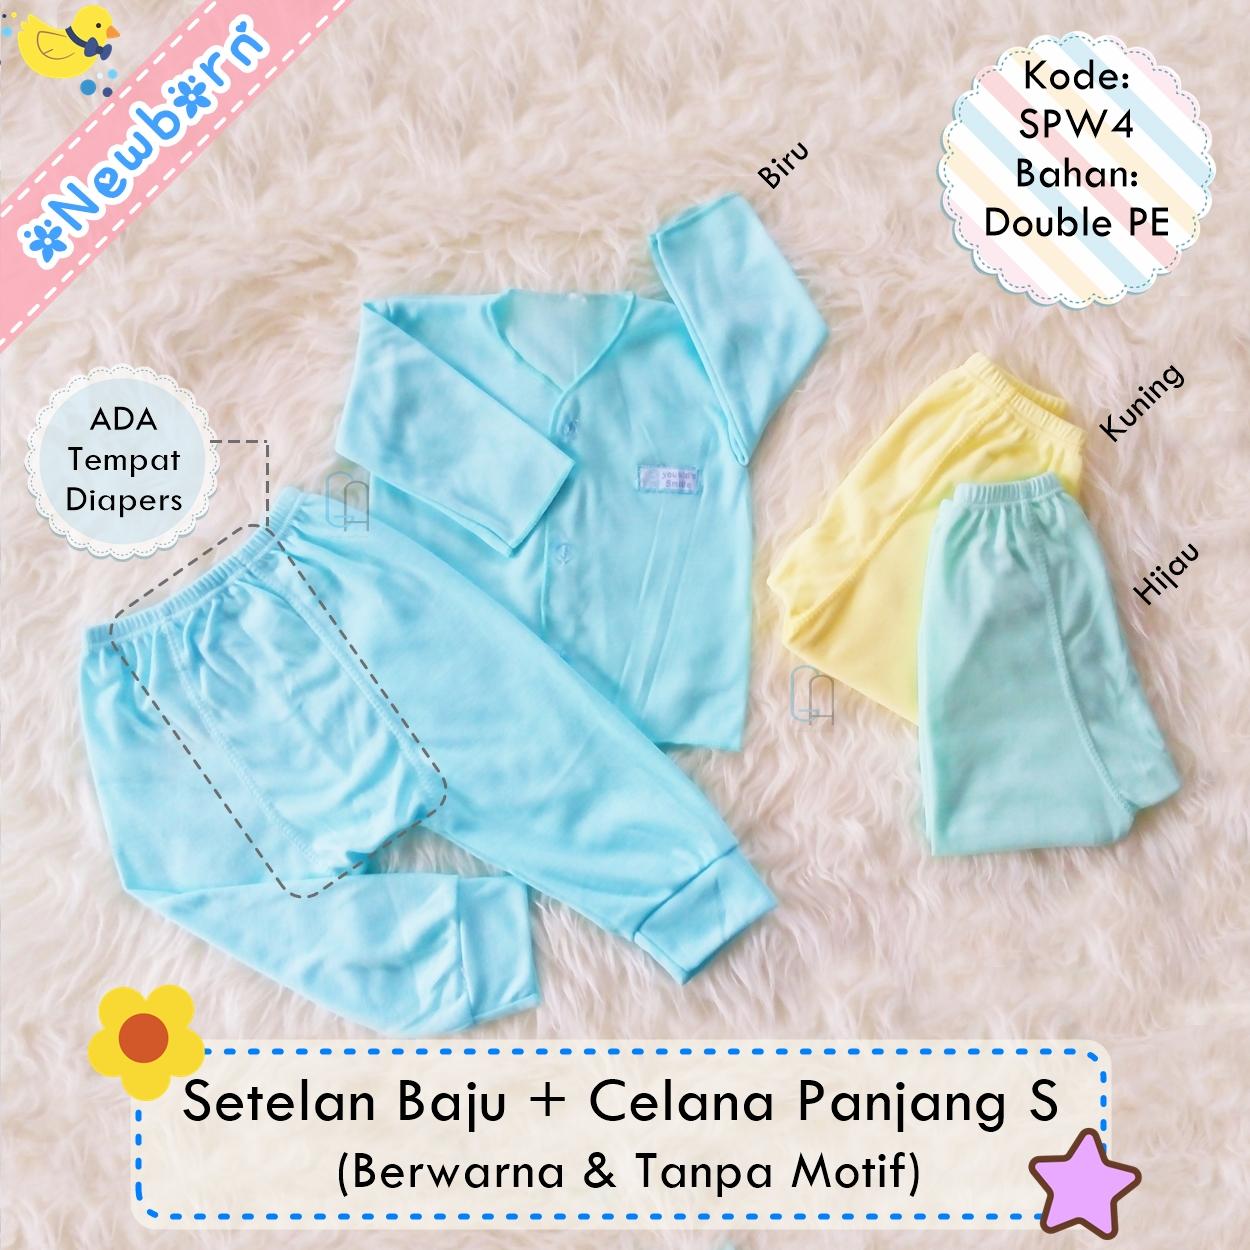 Jual Set 3pcs Setelan Baju Bayi Newborn Celana Panjang Polos Ndal Singlet Bola Terlaris